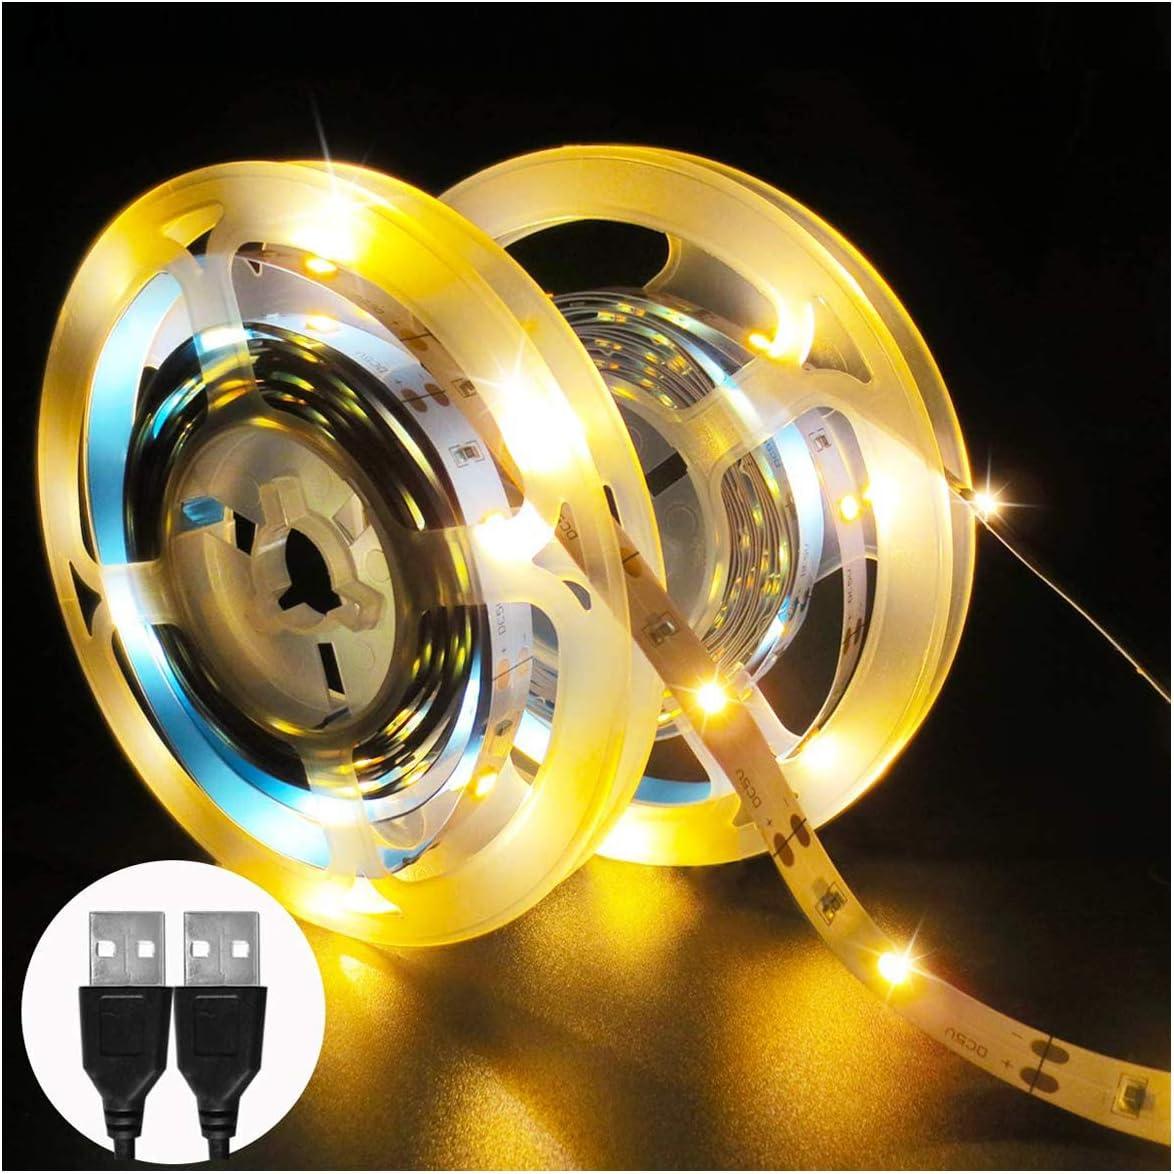 2 Paquetes Tesfish Tiras de Luces LED, 2 x 3M Total 180 LEDs 5V USB Blanco Cálido Tira de luz 3000K Luces de Cuerda para Bricolaje, TV, Armario, Estante, Decoración del Hogar